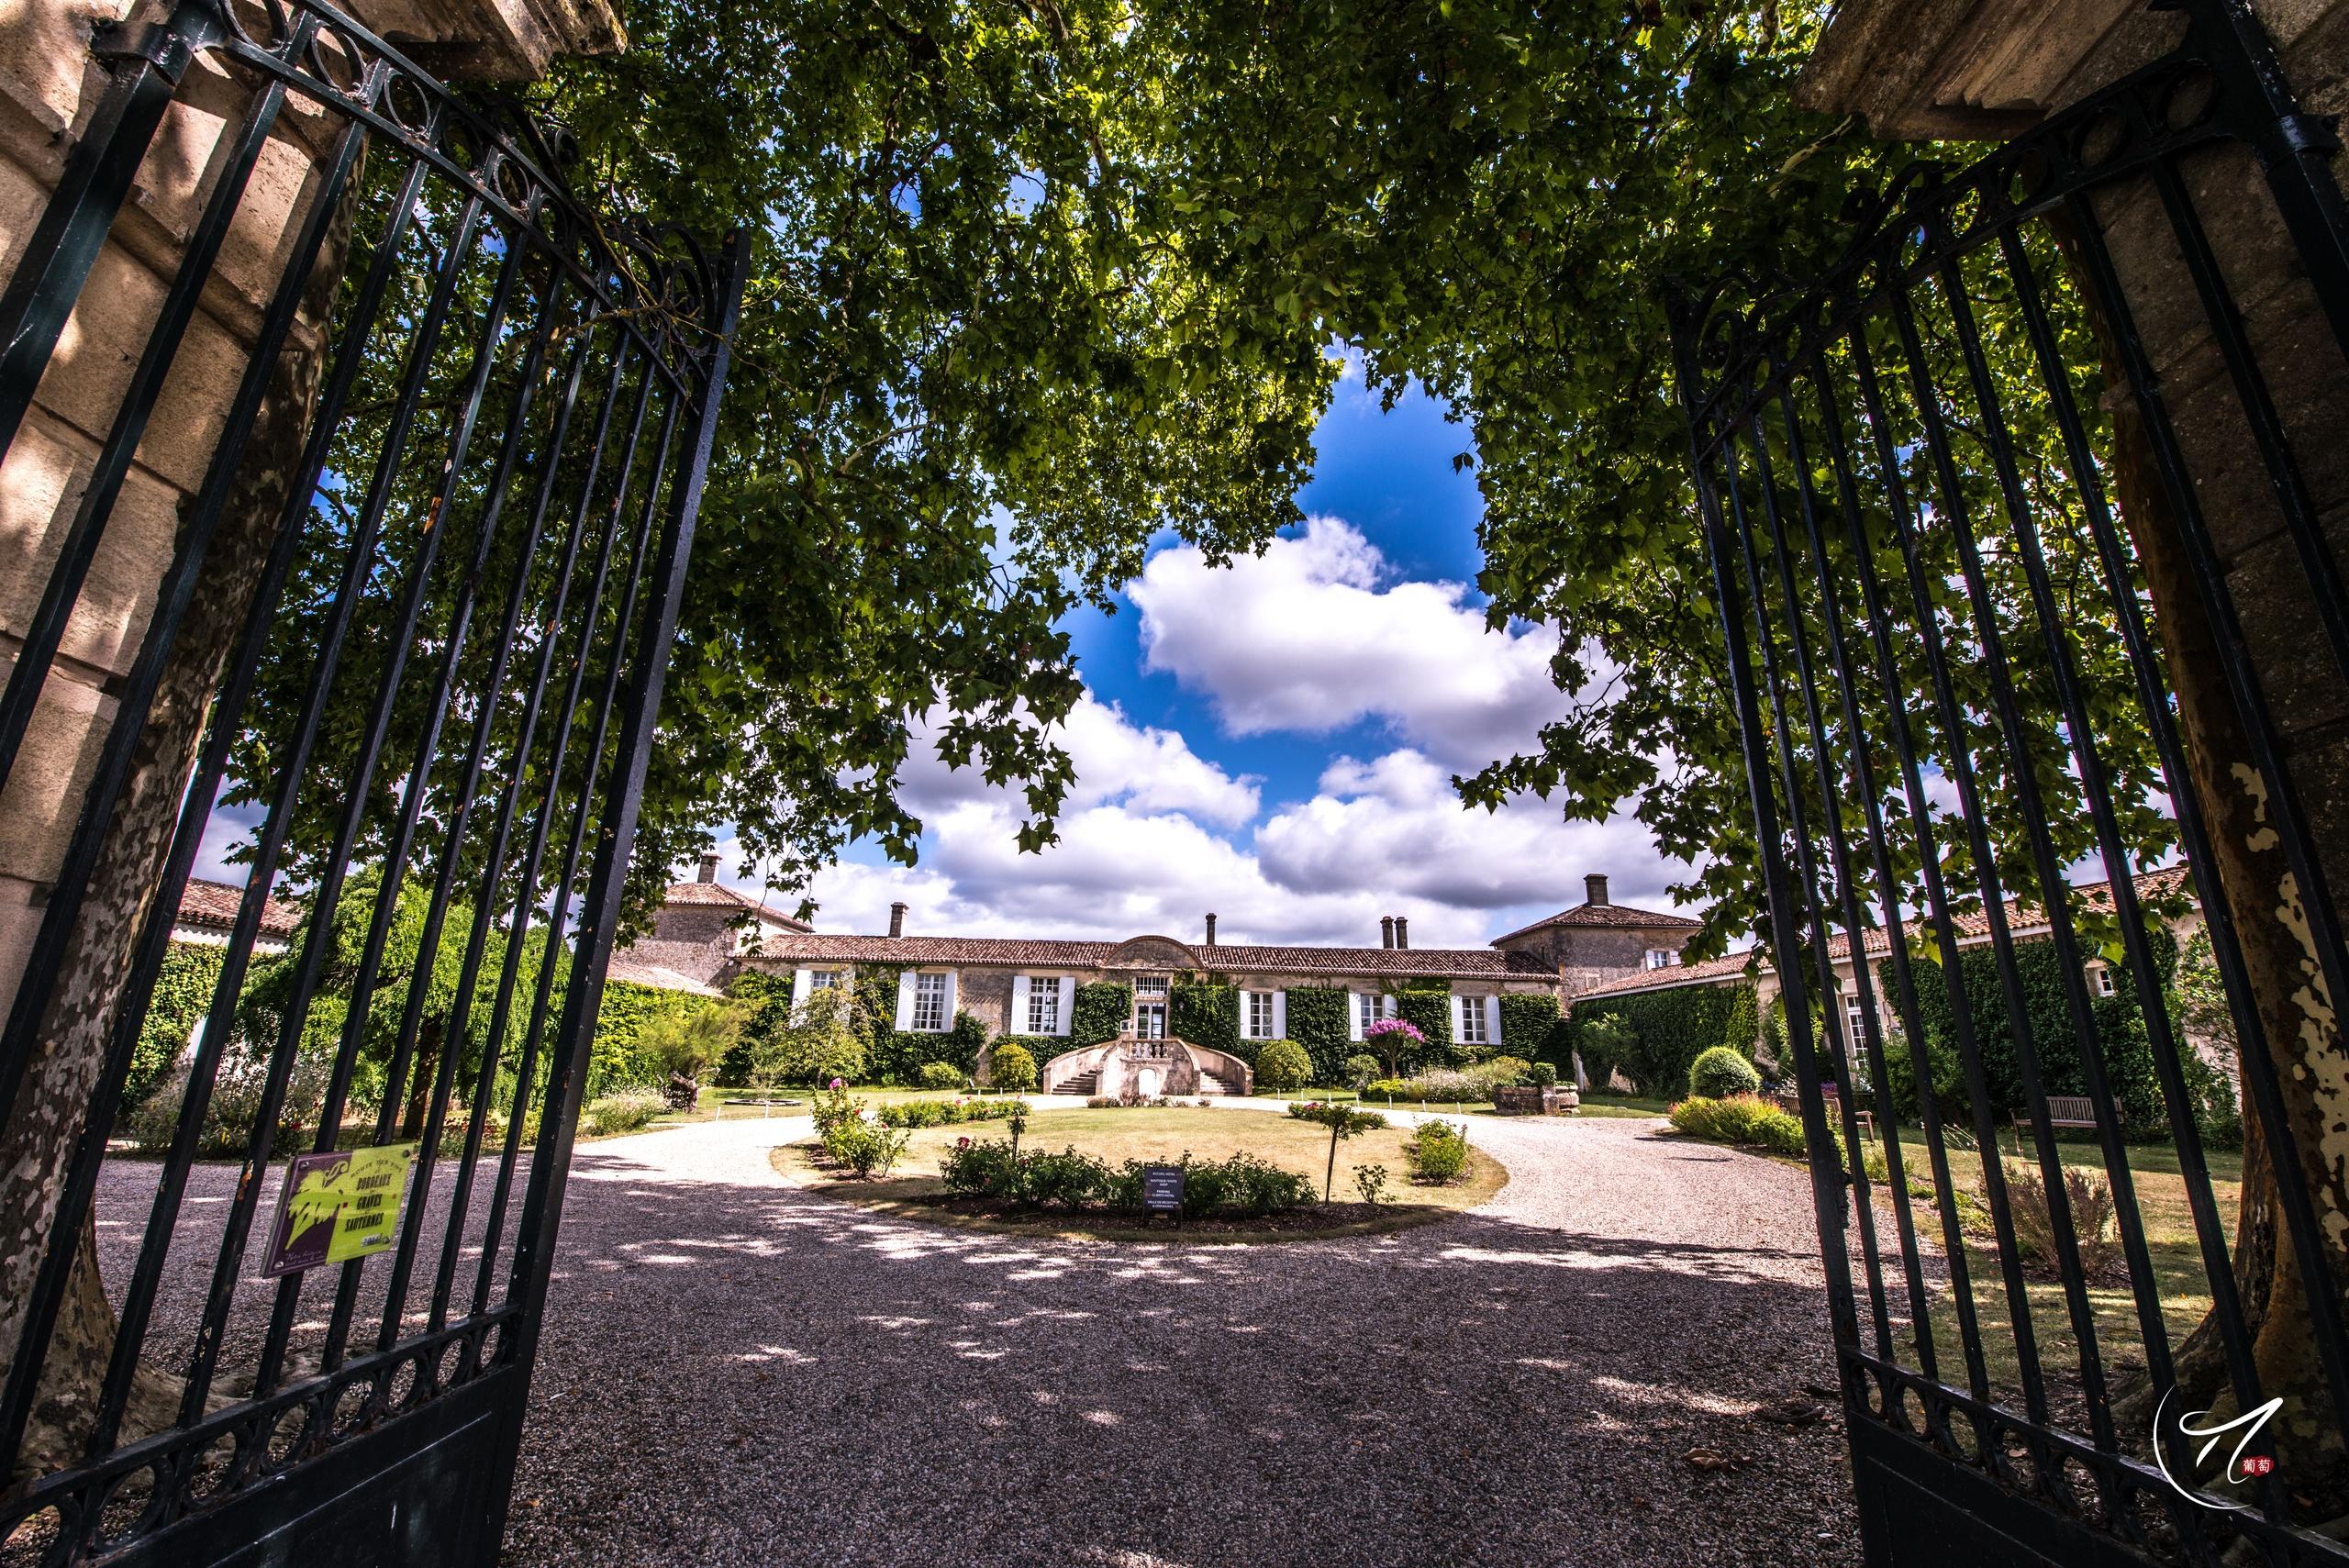 A magical place - Chateau d'Arche